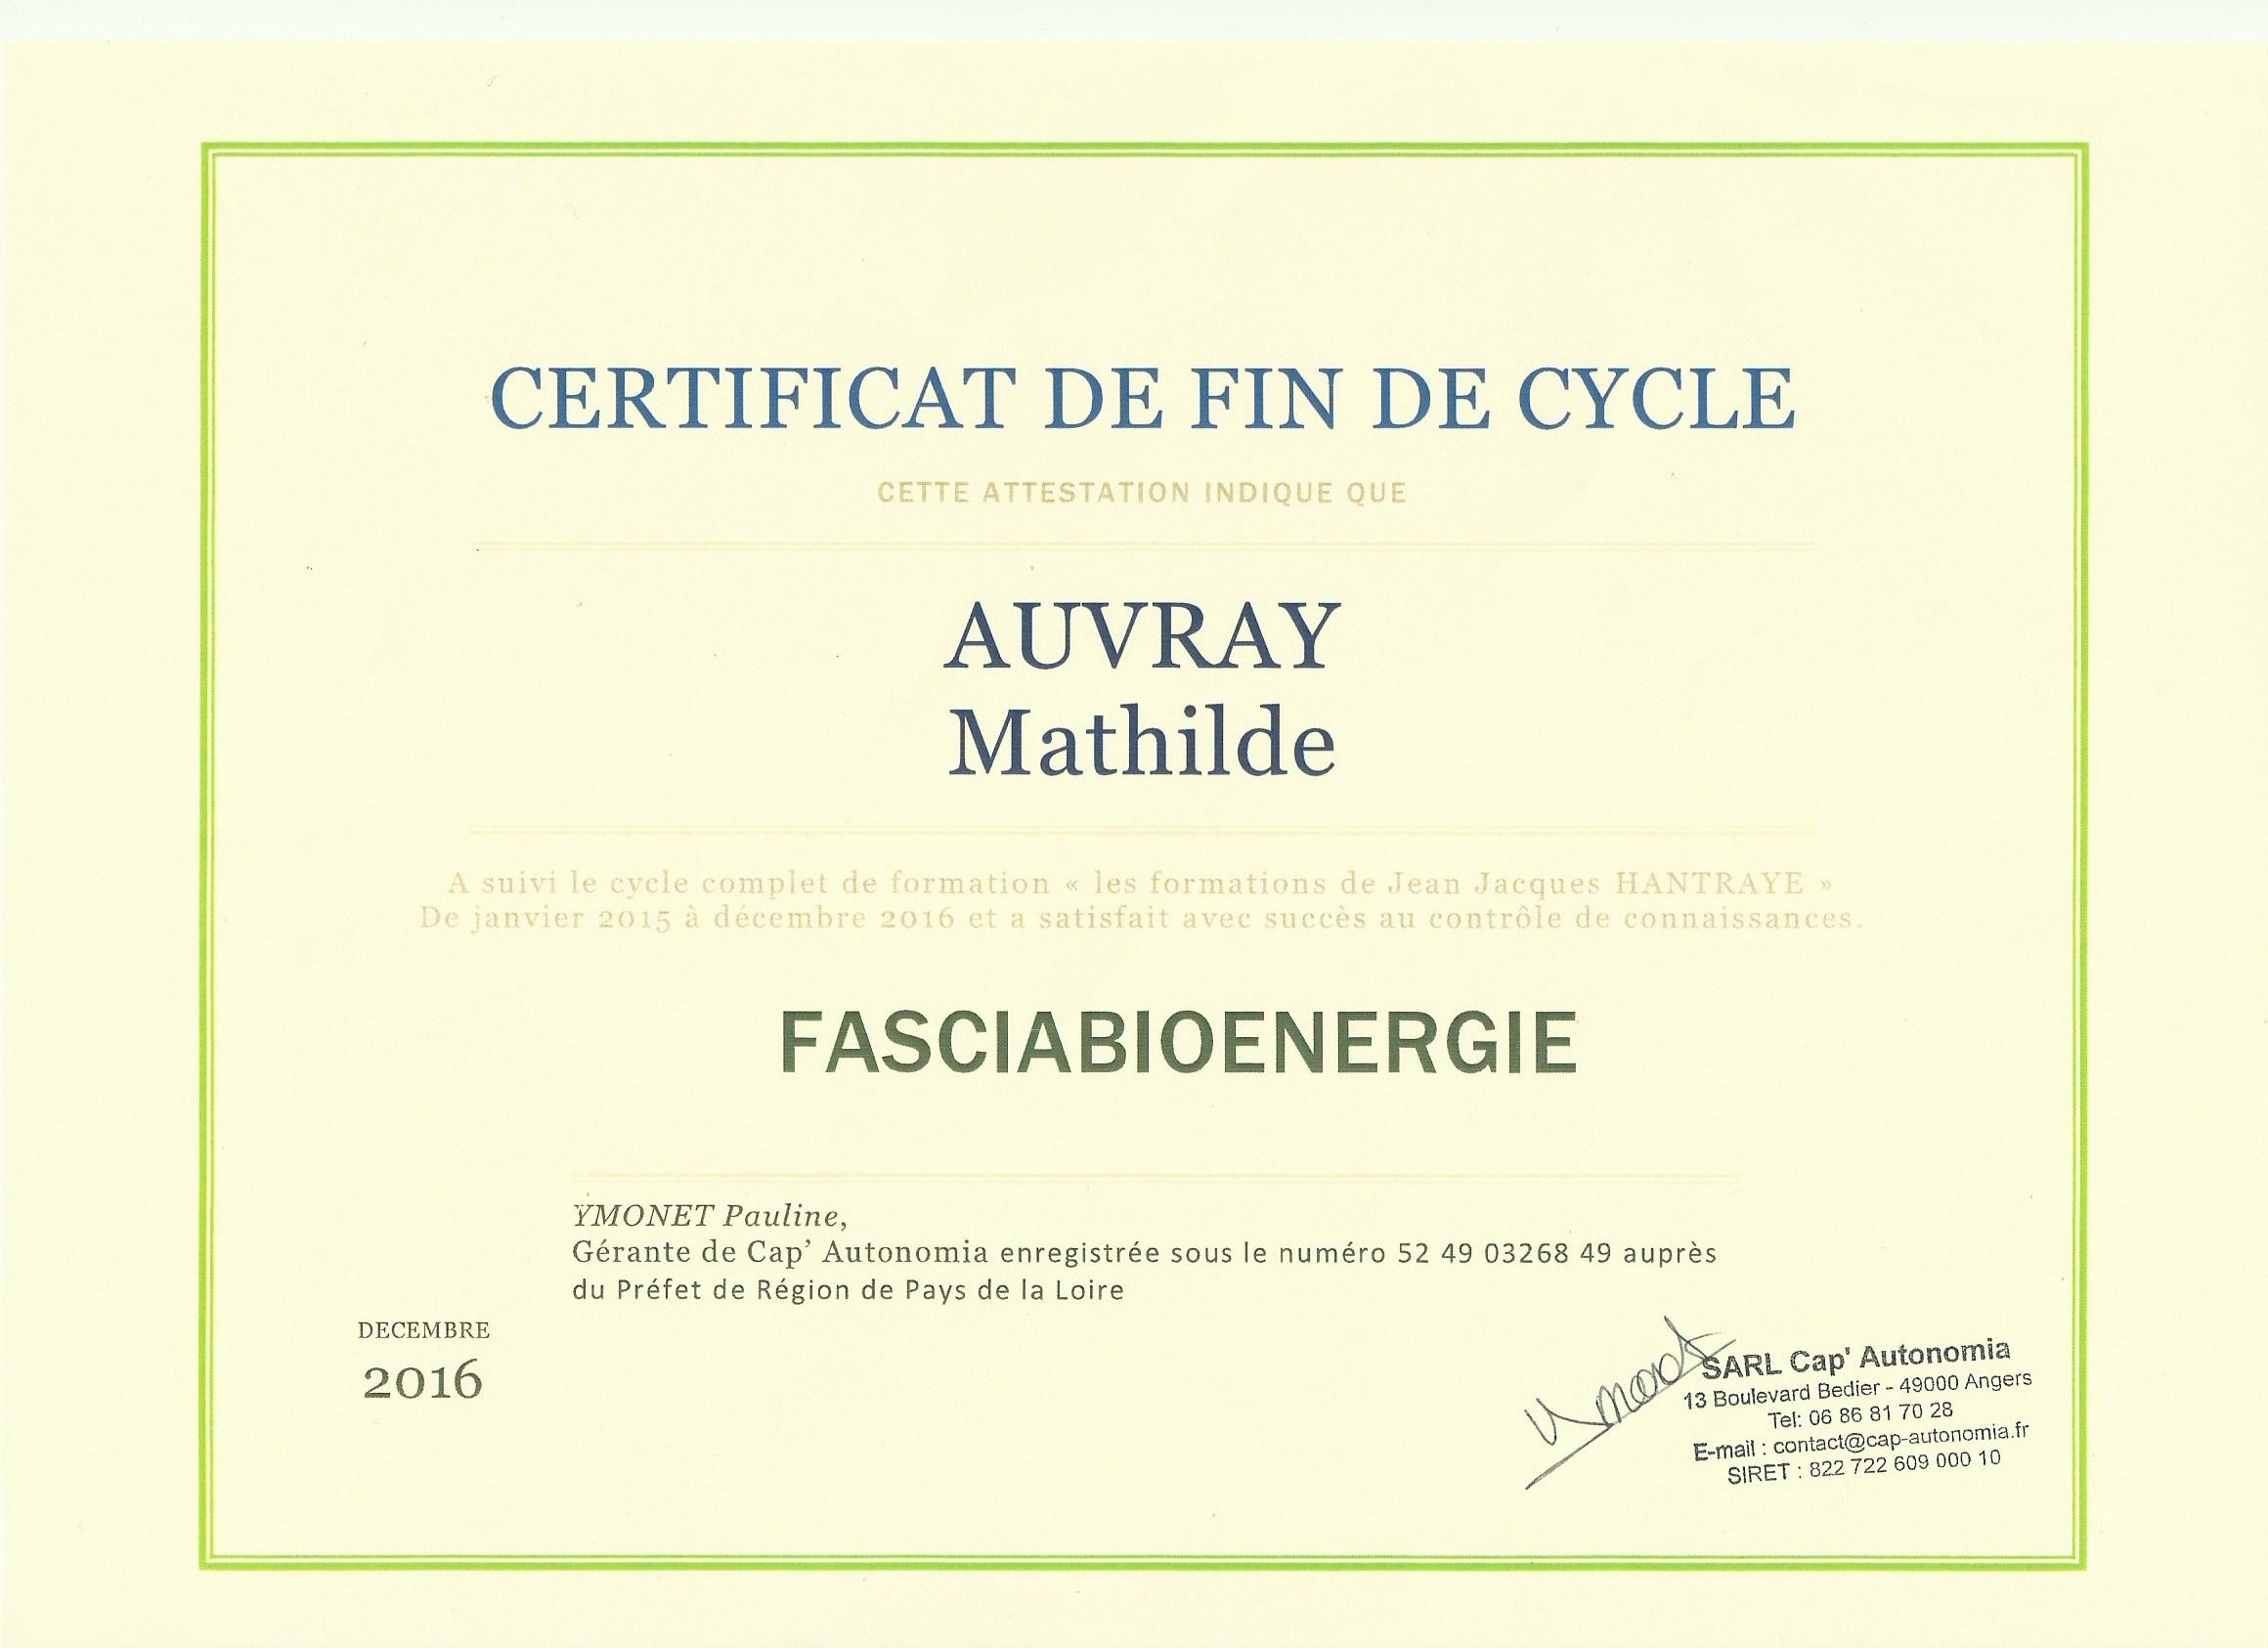 Certificat de formation en FasciaBioénergie - Une formation acquise en 2 ans auprès de Jean-Jacques Hentraye.Cette formation approfondira mes connaissances en anatomie et en énergétique, me donnera des bases de réflexion nouvelles qui complètent parfaitement ma pratique du Reiki.